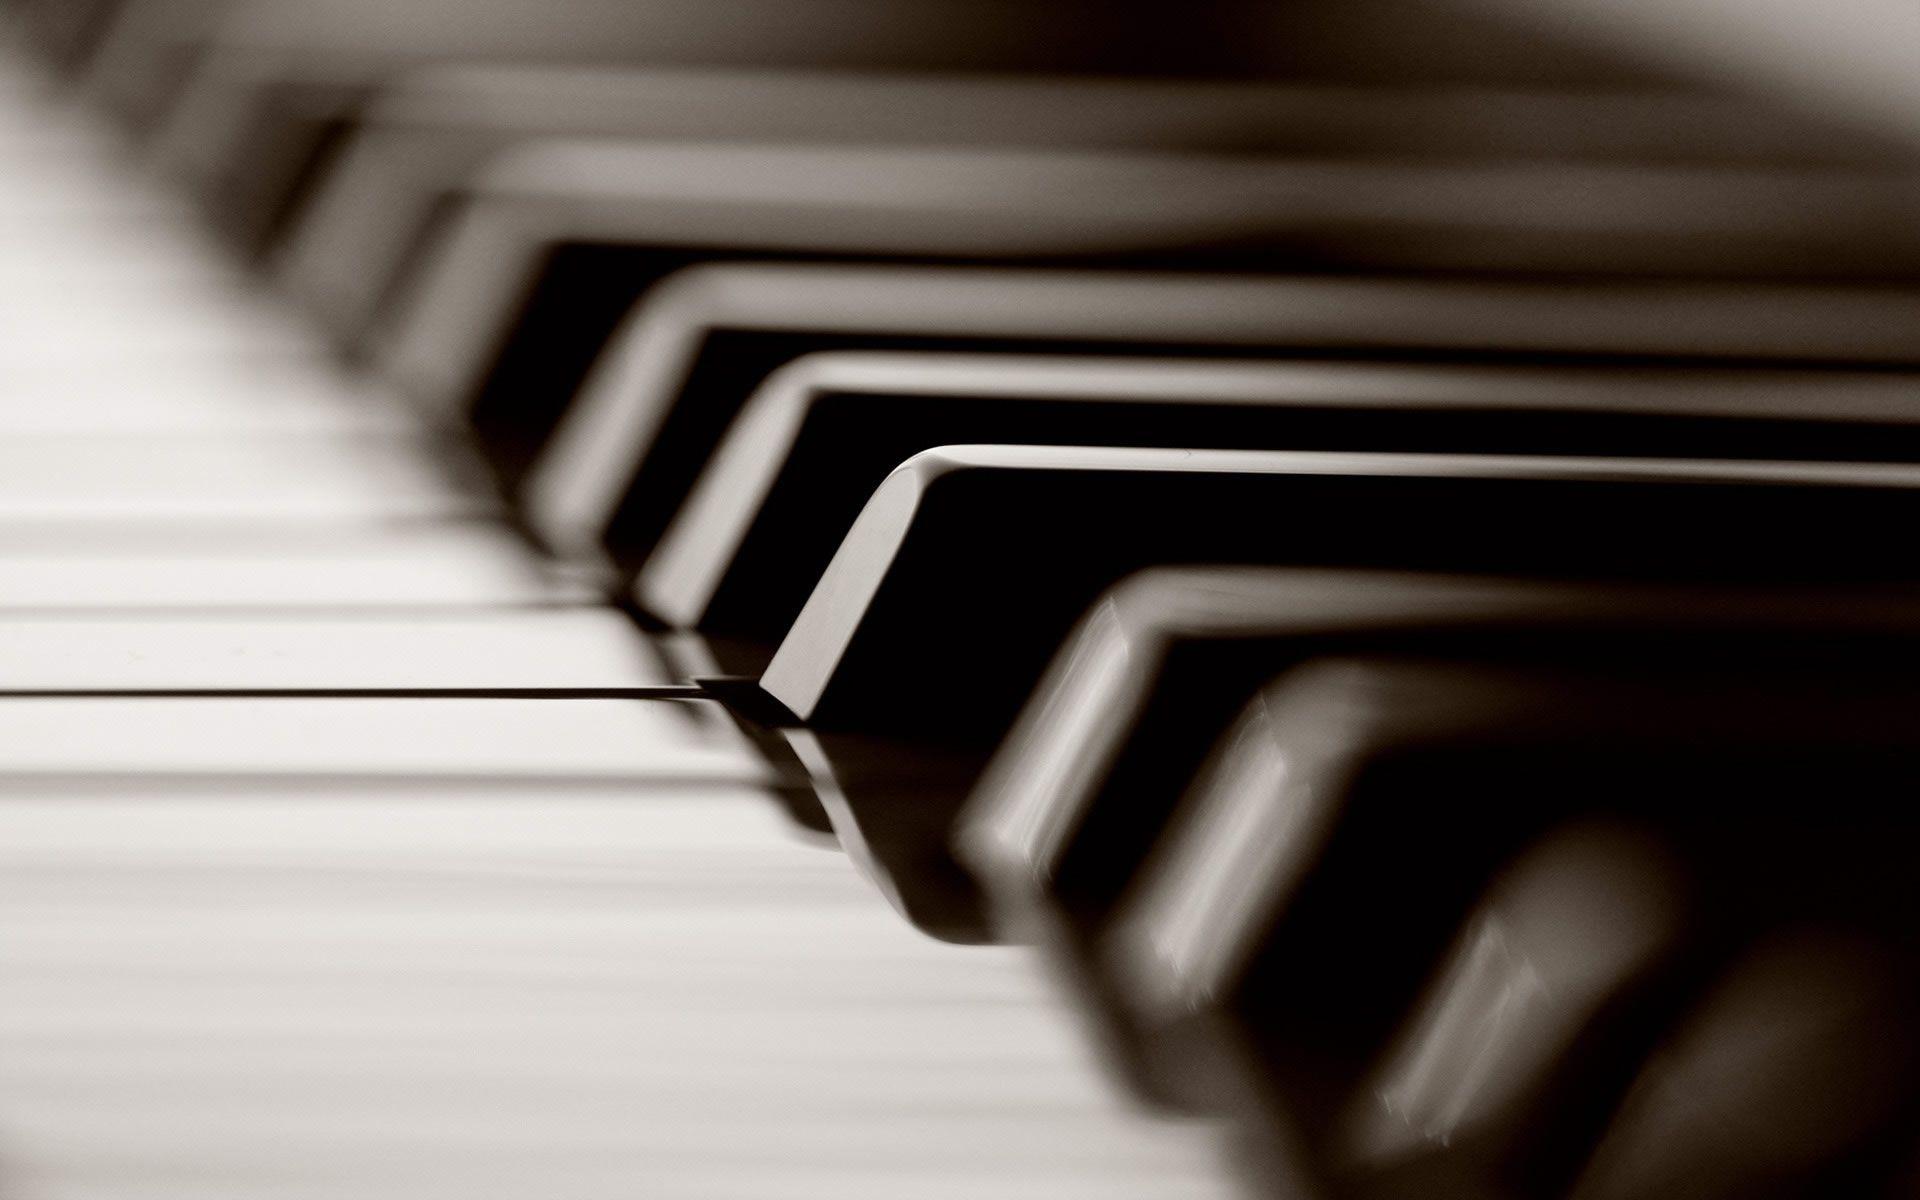 Wallpapers Piano Teclas De Un 1920x1200 484693 Piano Piano Music Steinway Piano Hd wallpaper piano keys macro musical